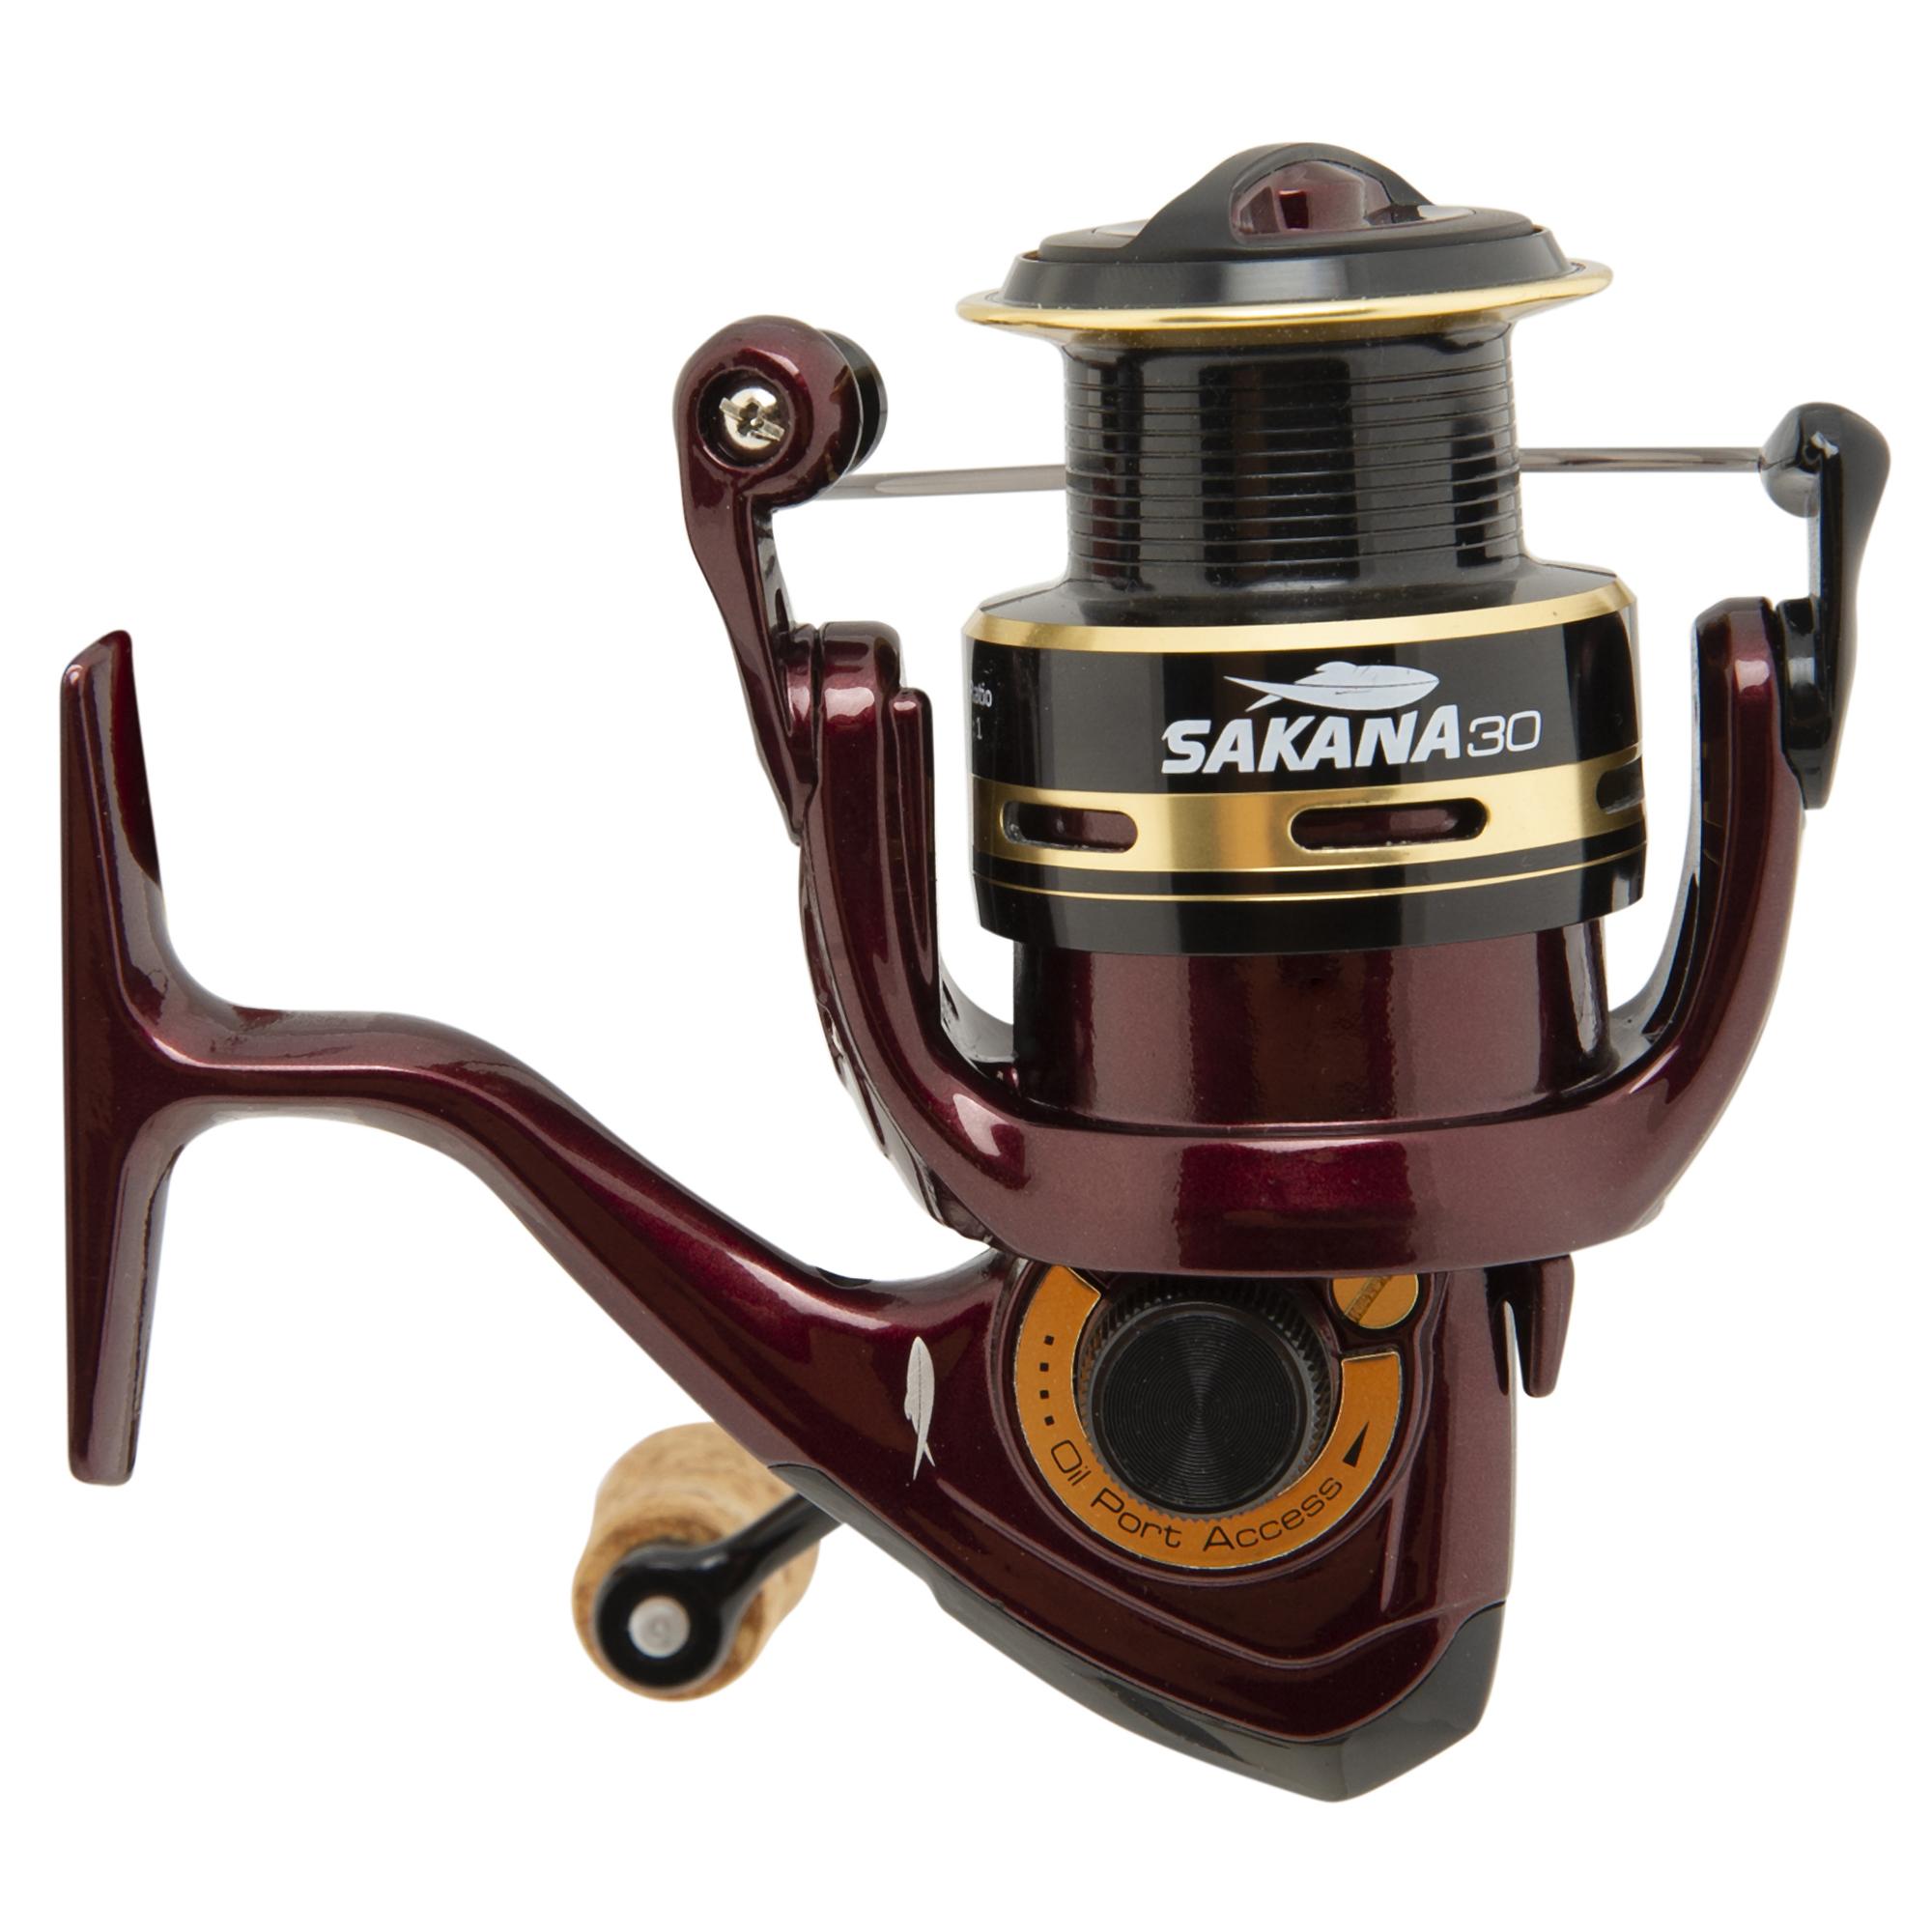 Sakana SK-S4 Spinning Reel, size 20